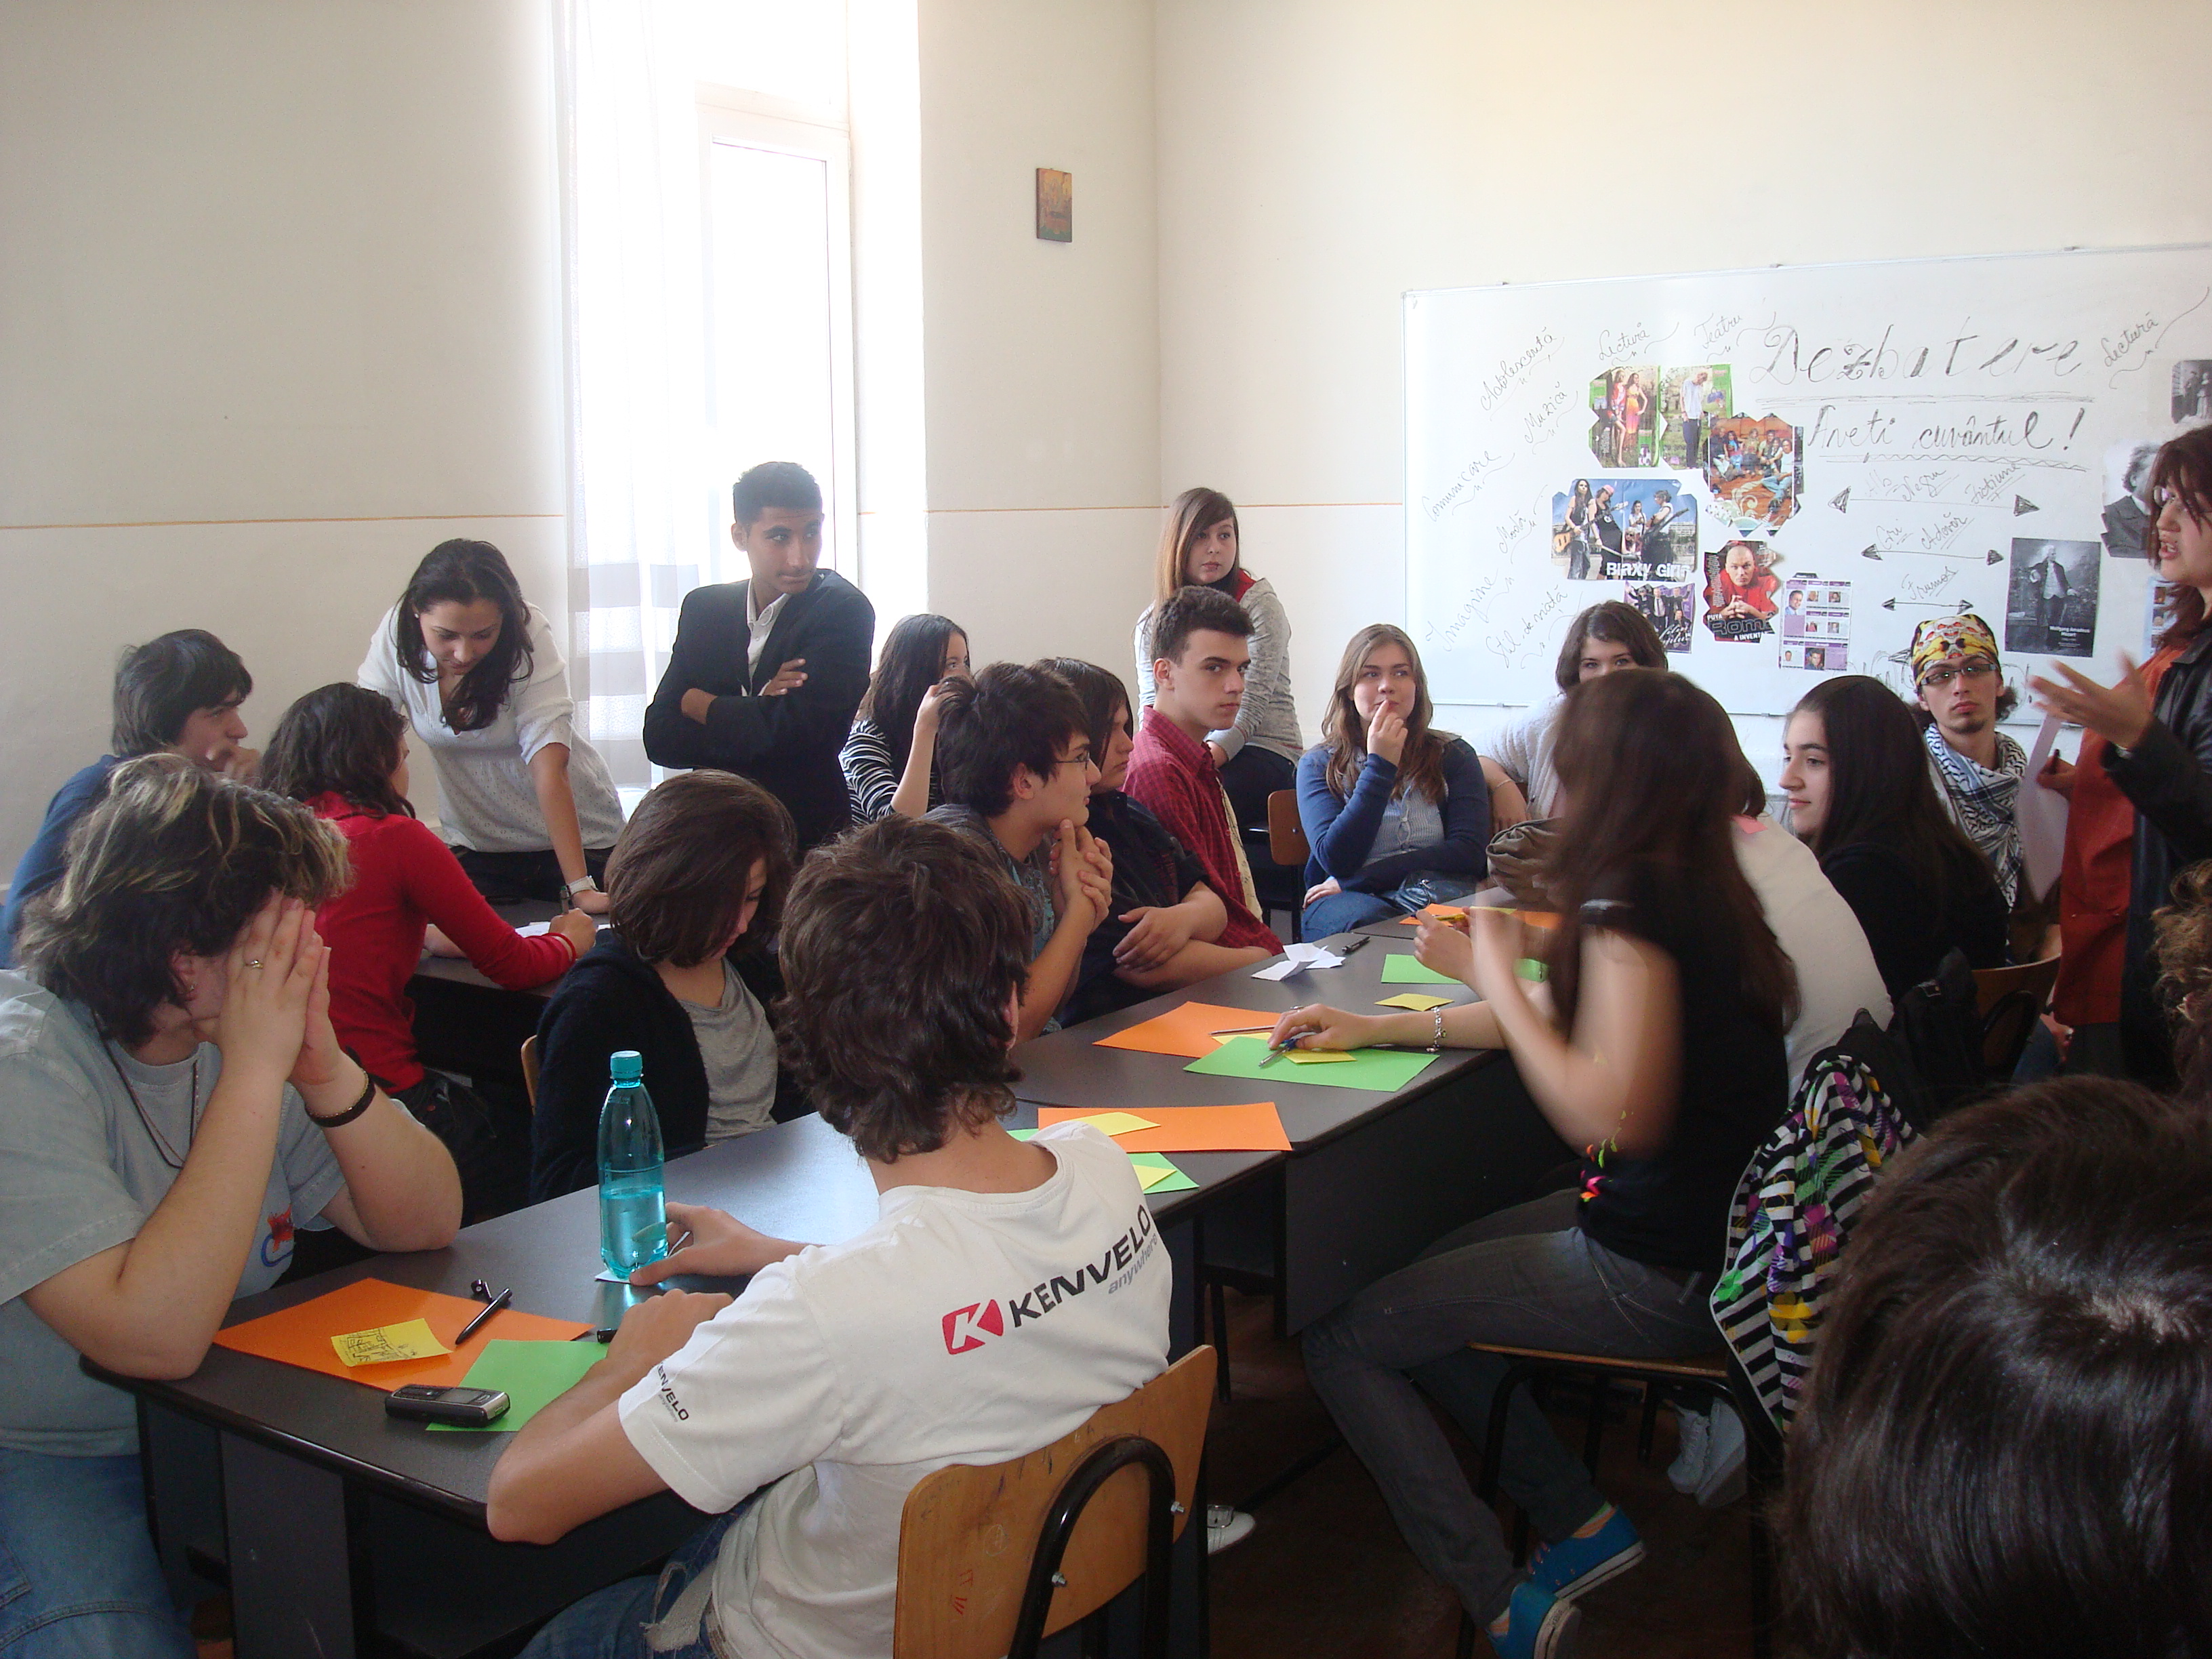 dezbatere-concurs clasele a X-a-ziua liceului 2009-2